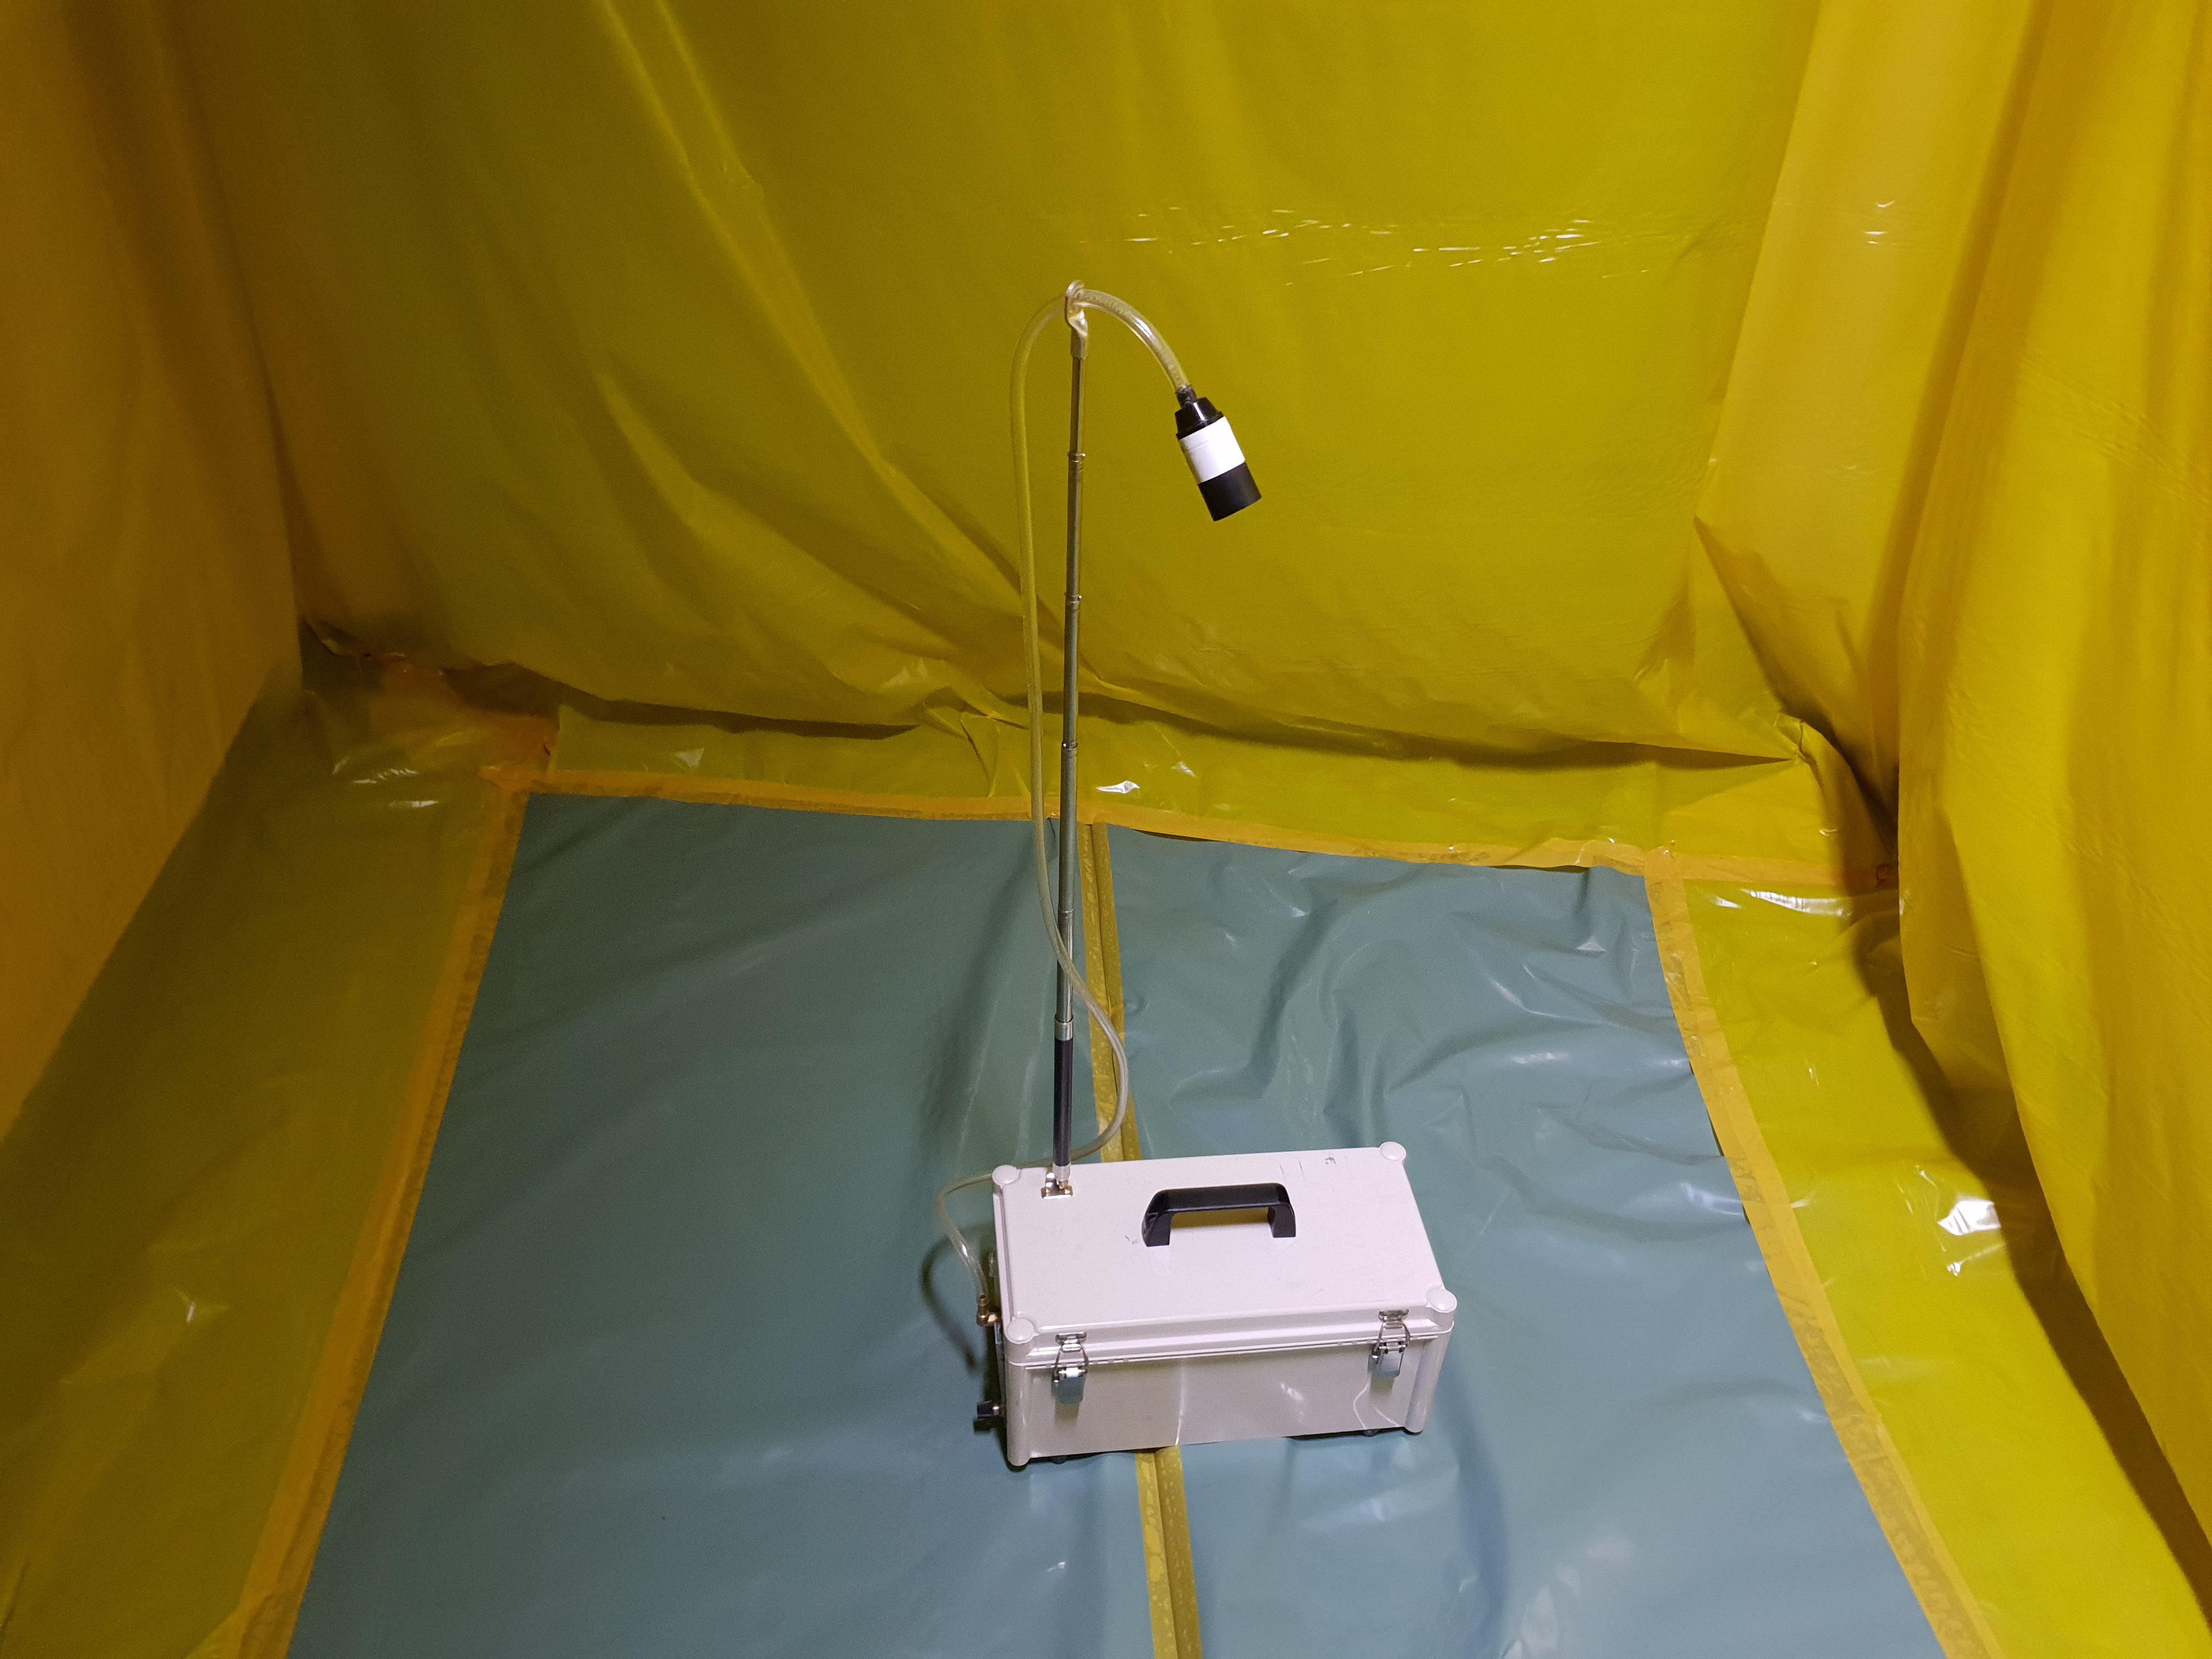 9 번째 사진 부산동부경찰서 에  연면적 ㎡ 동구 중앙대로 387 농도측정, 비산농도측정